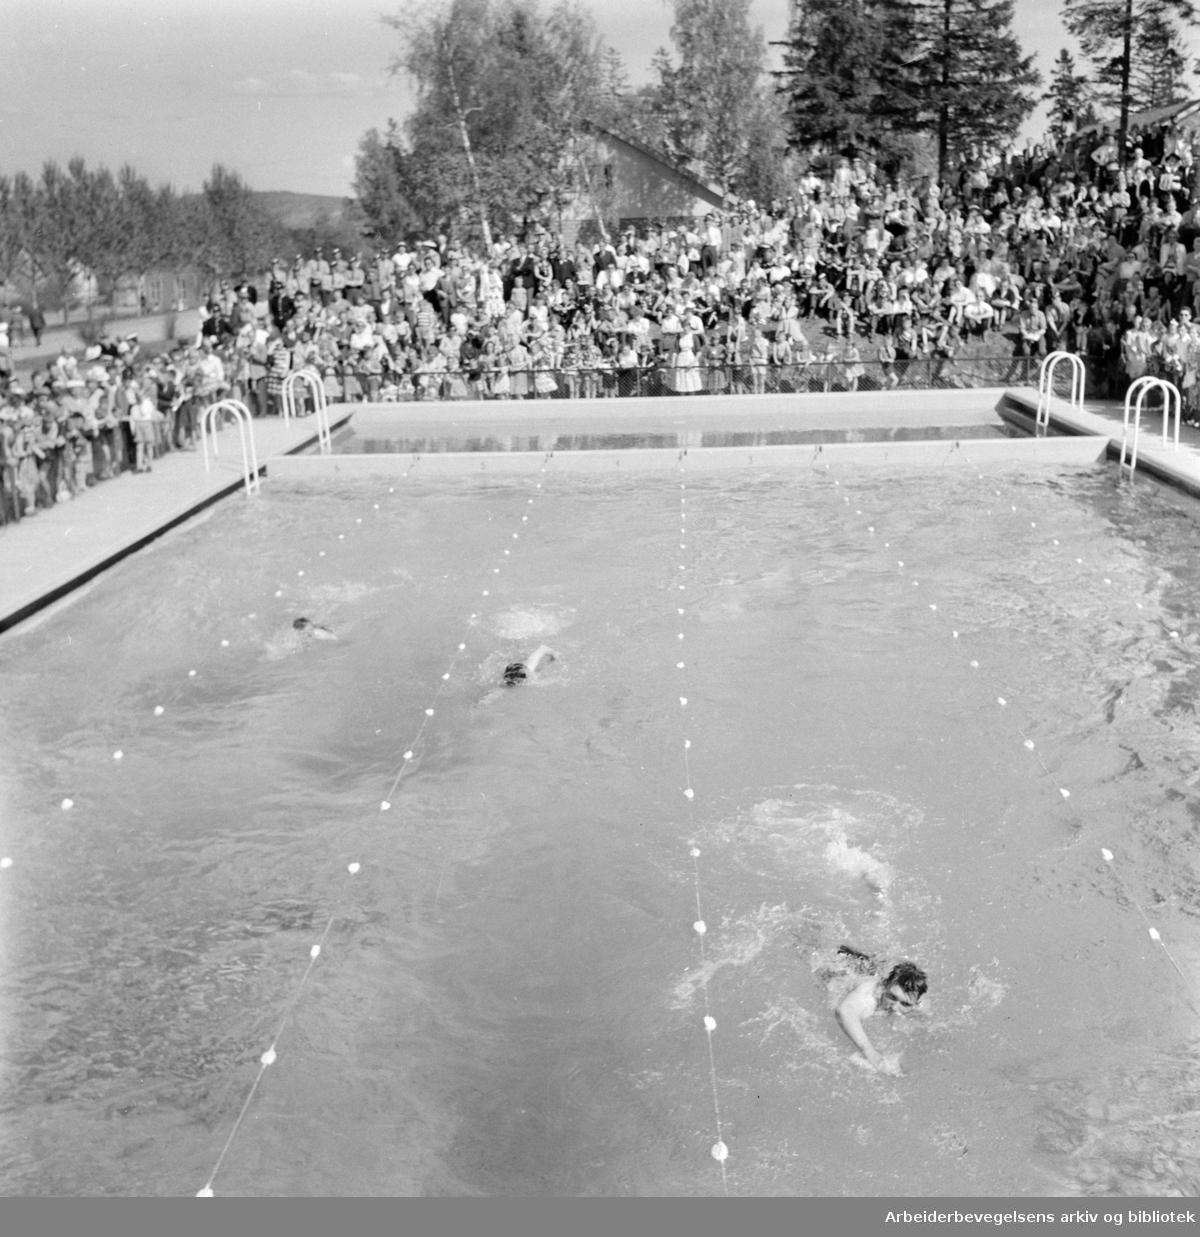 Husebyleiren. Gardens svømmebasseng. Juni 1958